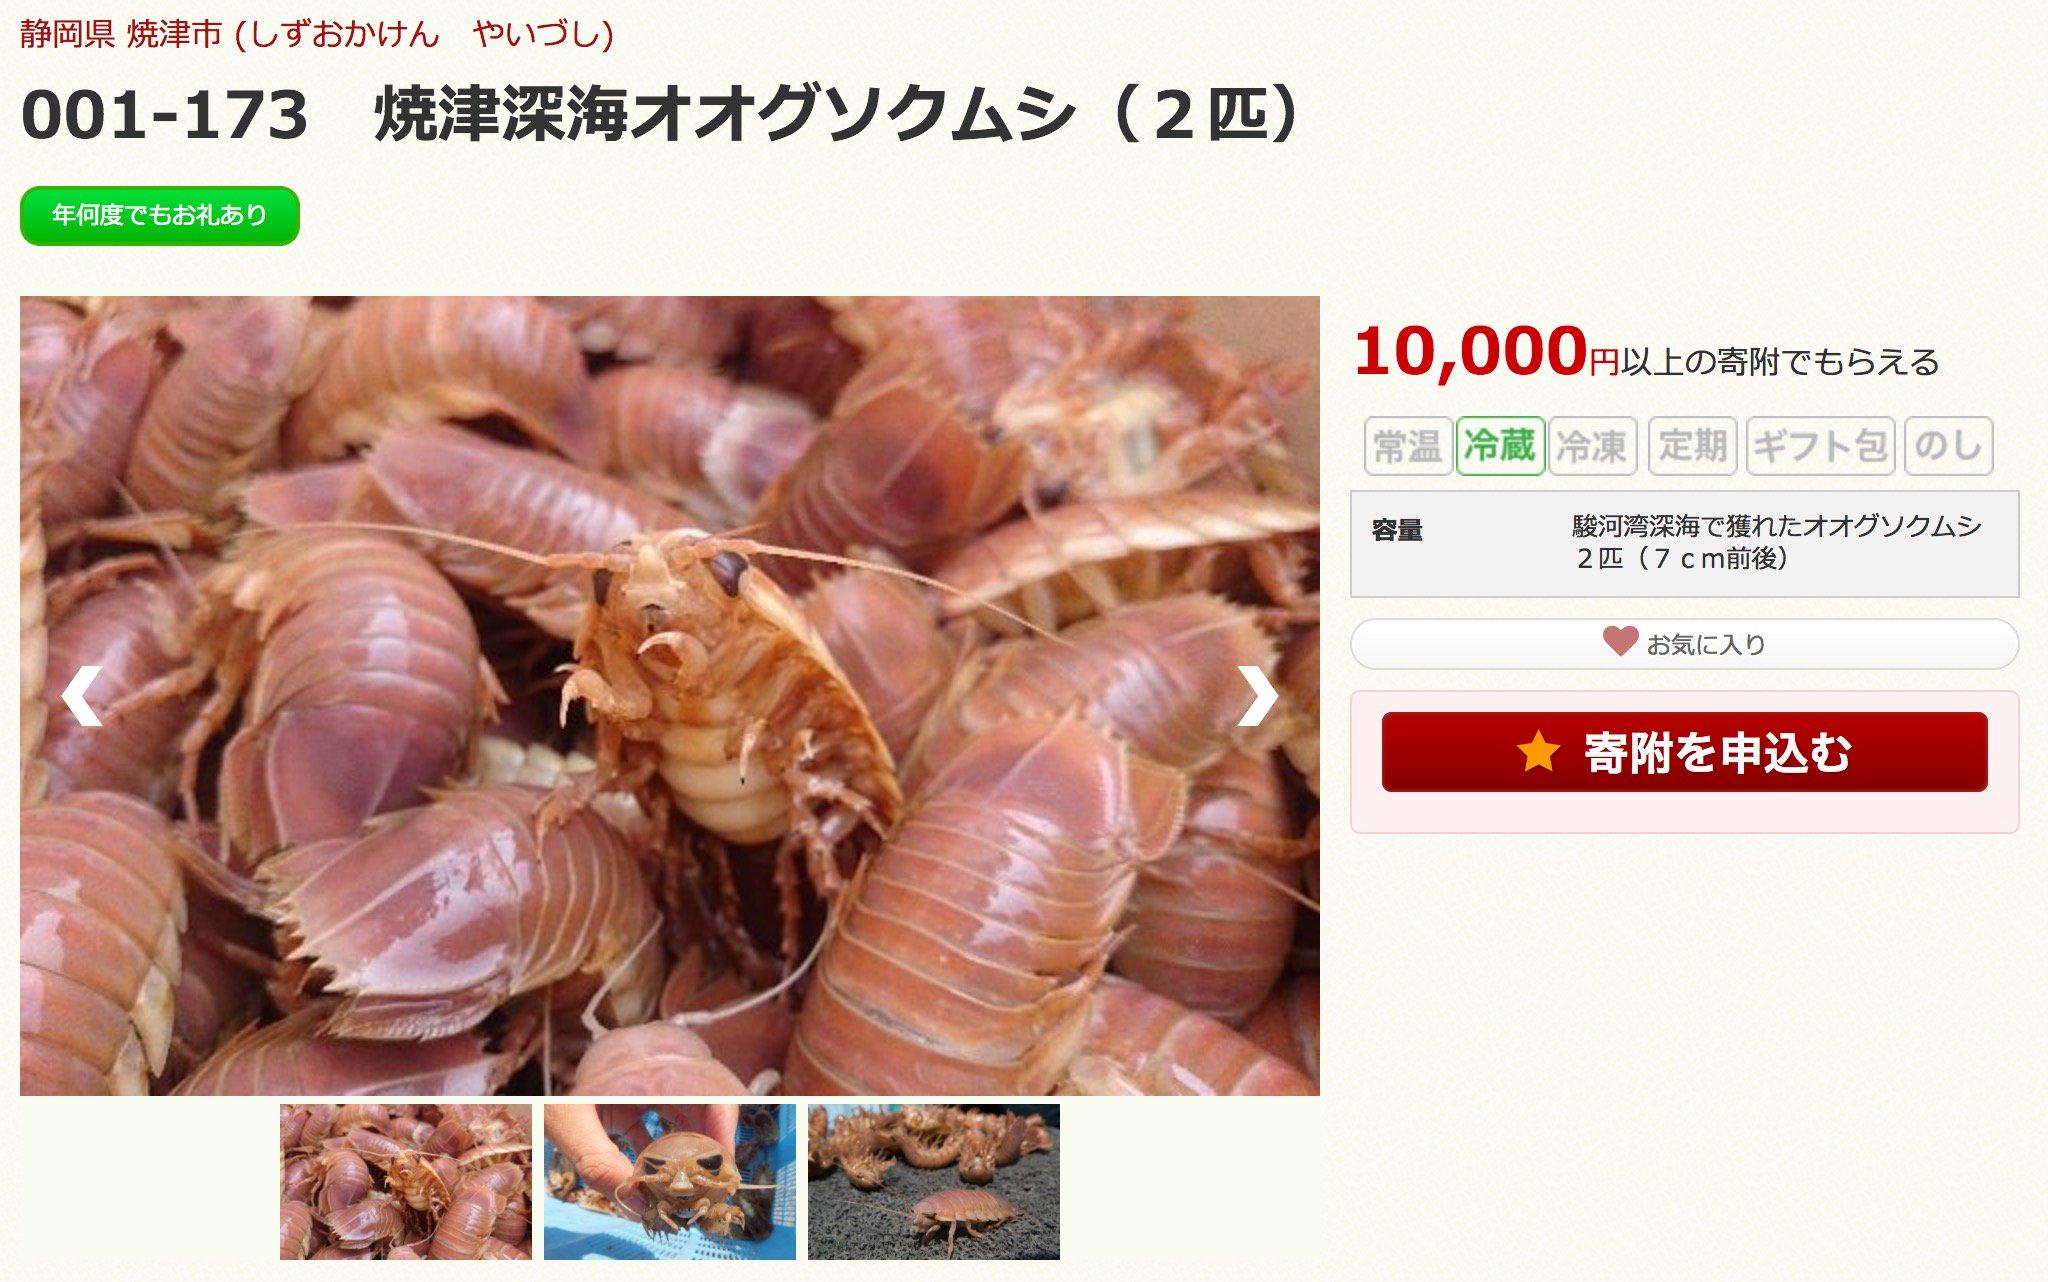 全国のグソクムシファンに朗報です。 静岡県焼津市に10000円以上のふるさと納税をすると、生きたままのオオグソクムシが送られて来るそうです。繰り返します、生きたままのオオグソクムシが送られて来るそうです。